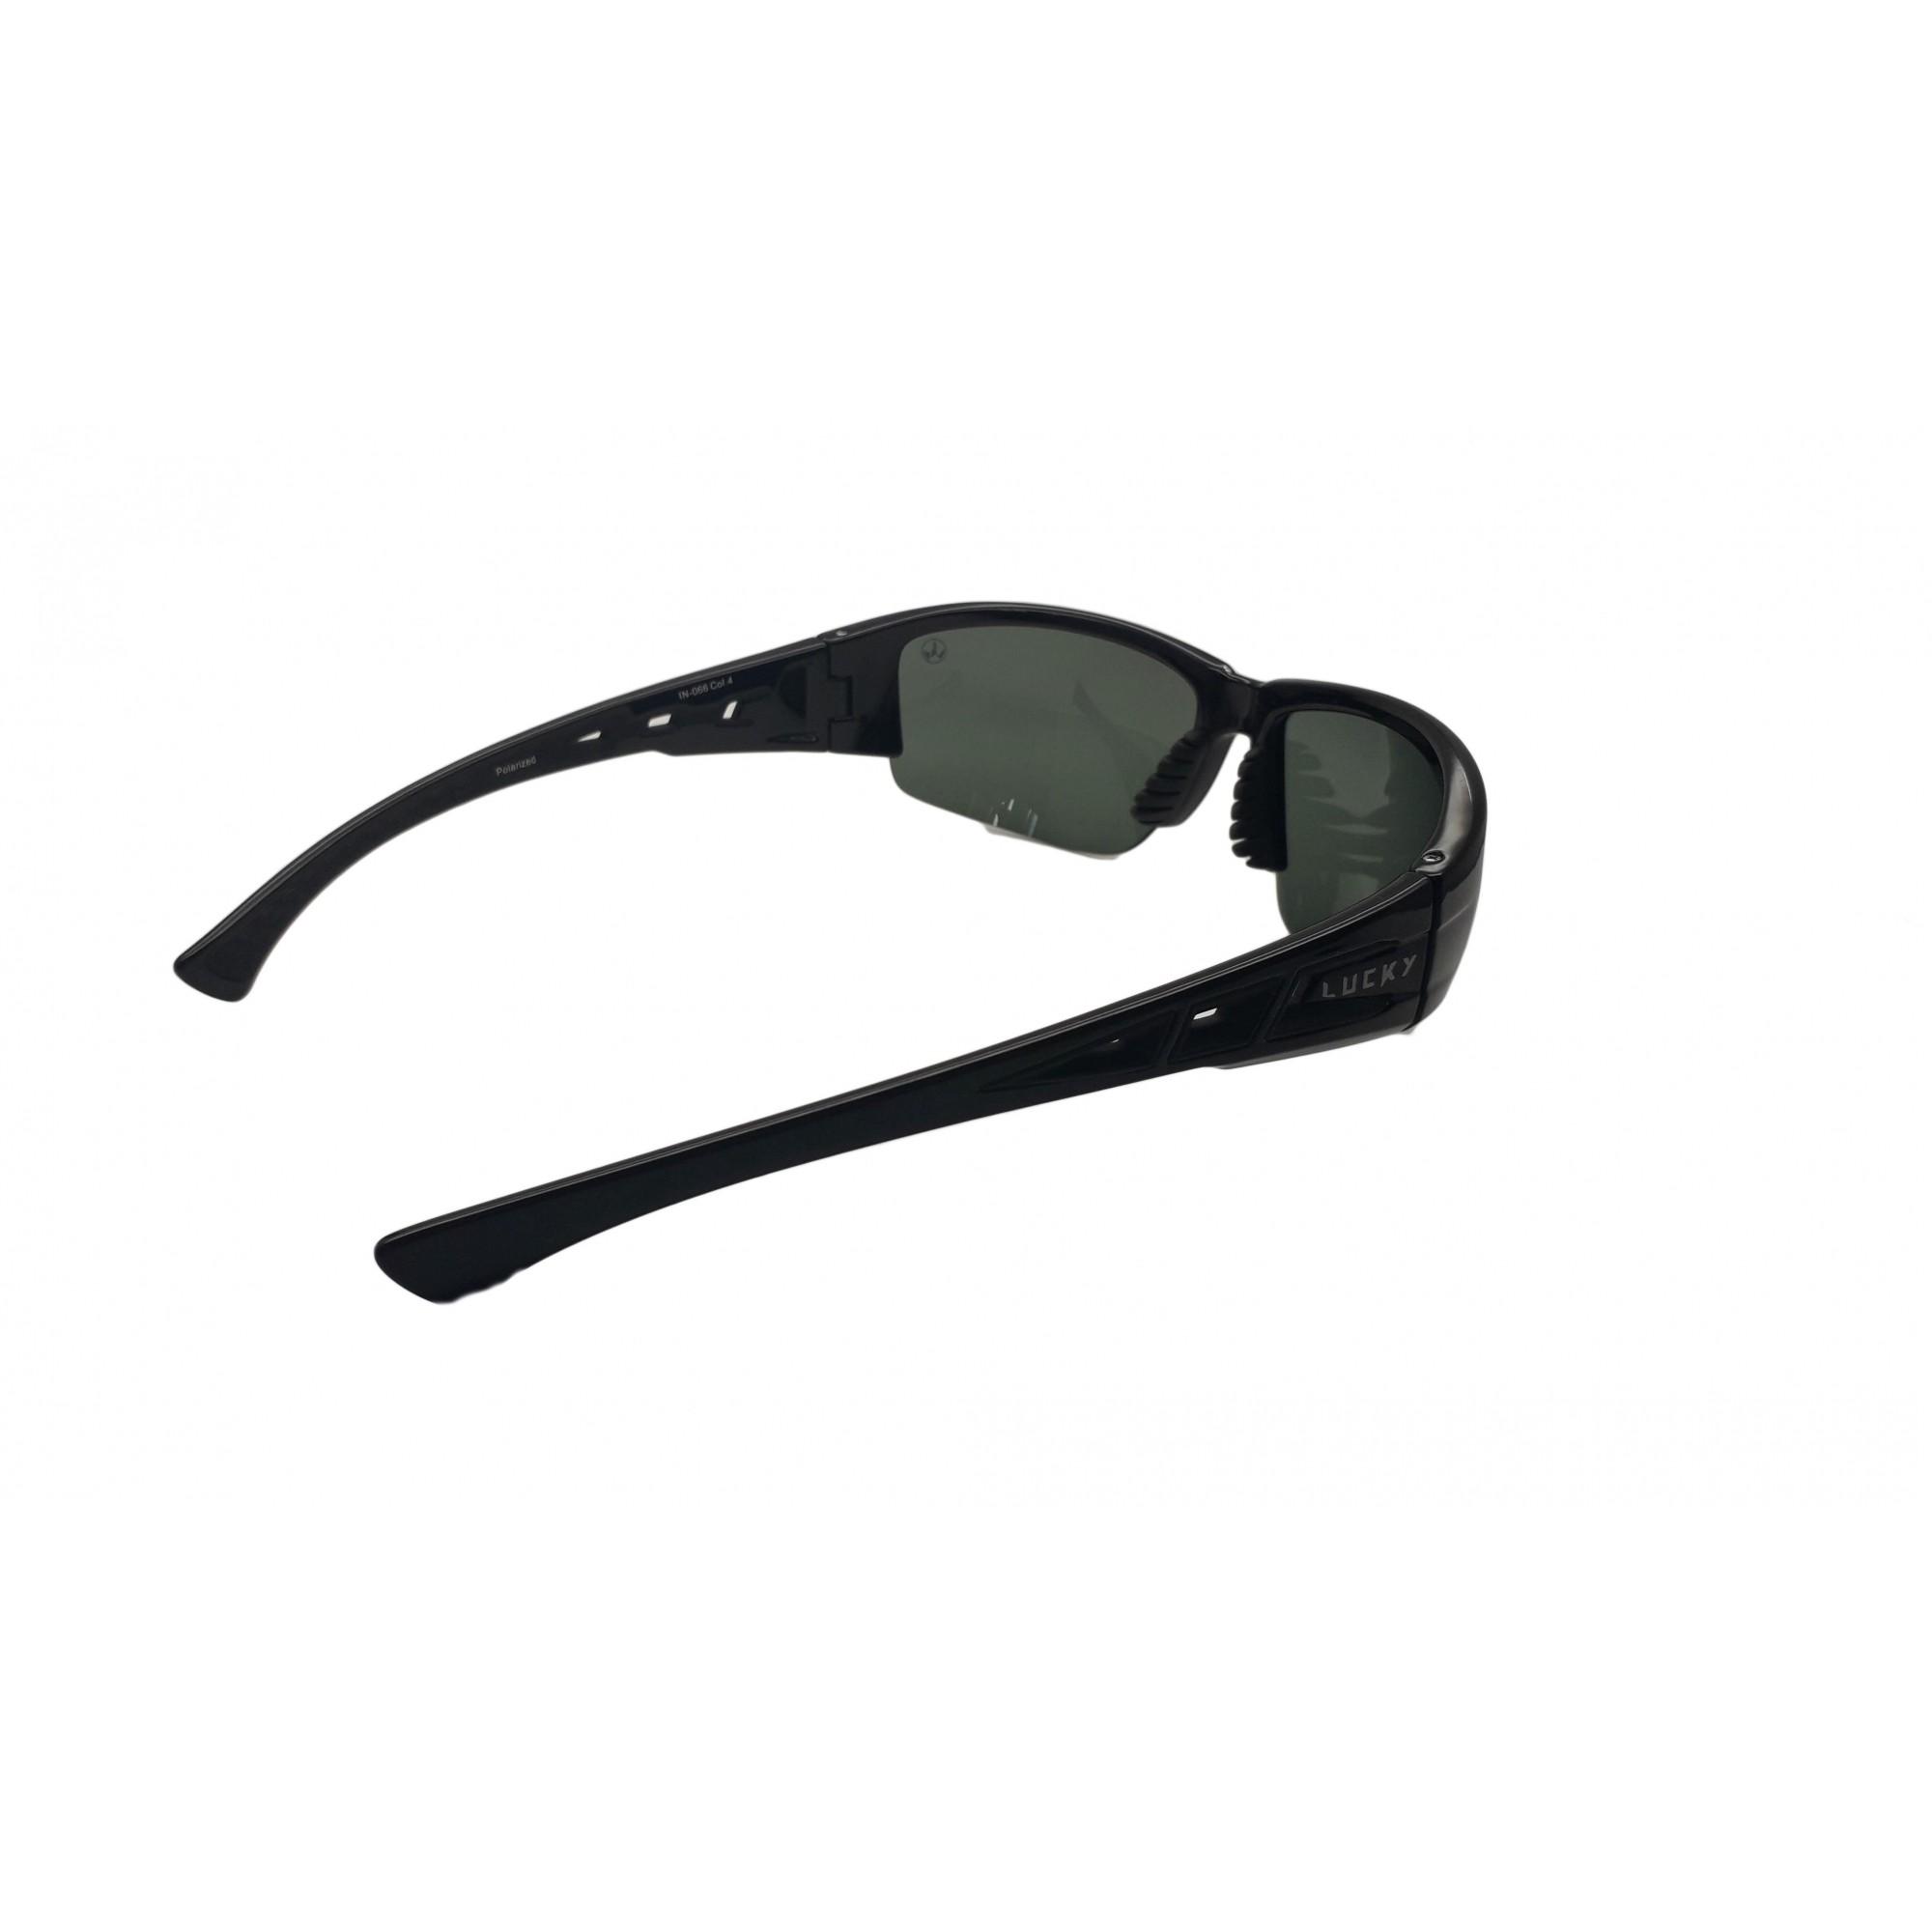 Óculos de sol polarizado Lucky066